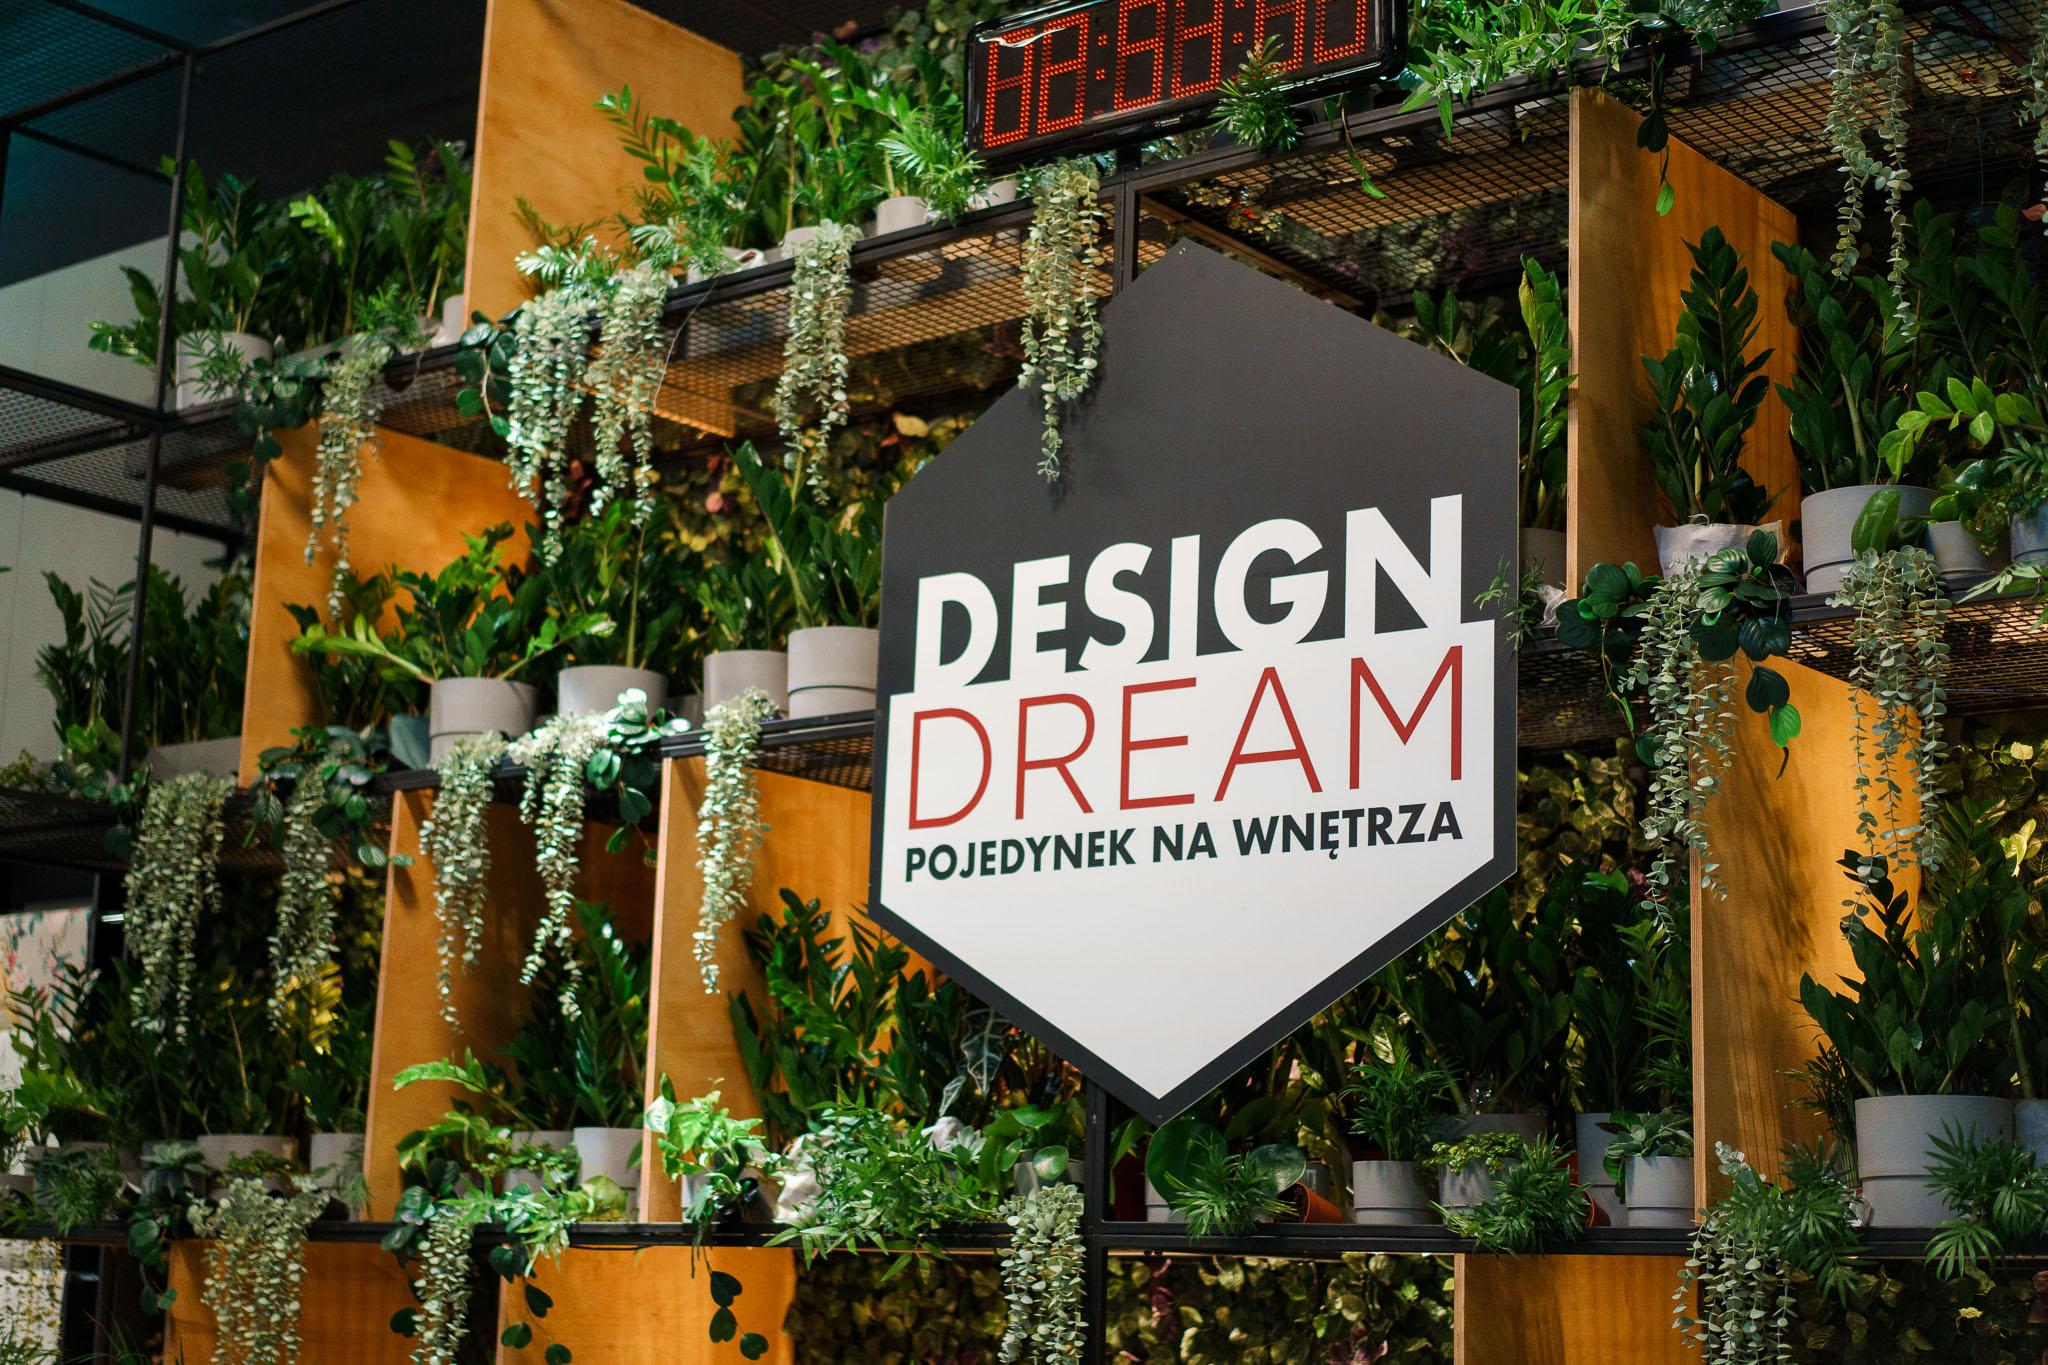 """""""Design Dream. Pojedynek na wnętrza"""" IKEA partnerem strategicznym nowego programu w telewizji Polsat"""